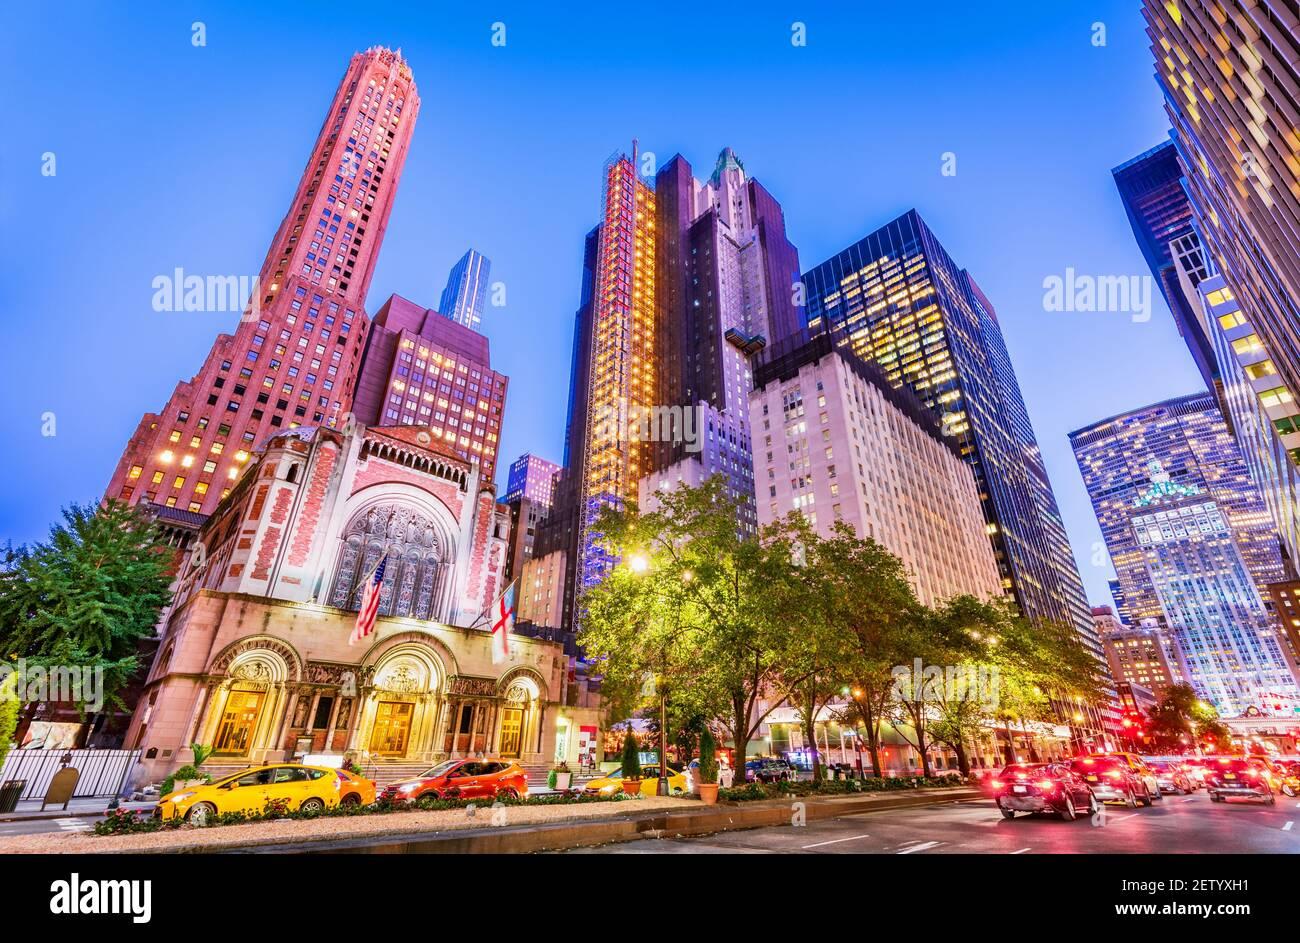 New York, Etats-Unis - septembre 2019 : célèbre 5th Avenue à Manhattan, New York City aux Etats-Unis d'Amérique Banque D'Images